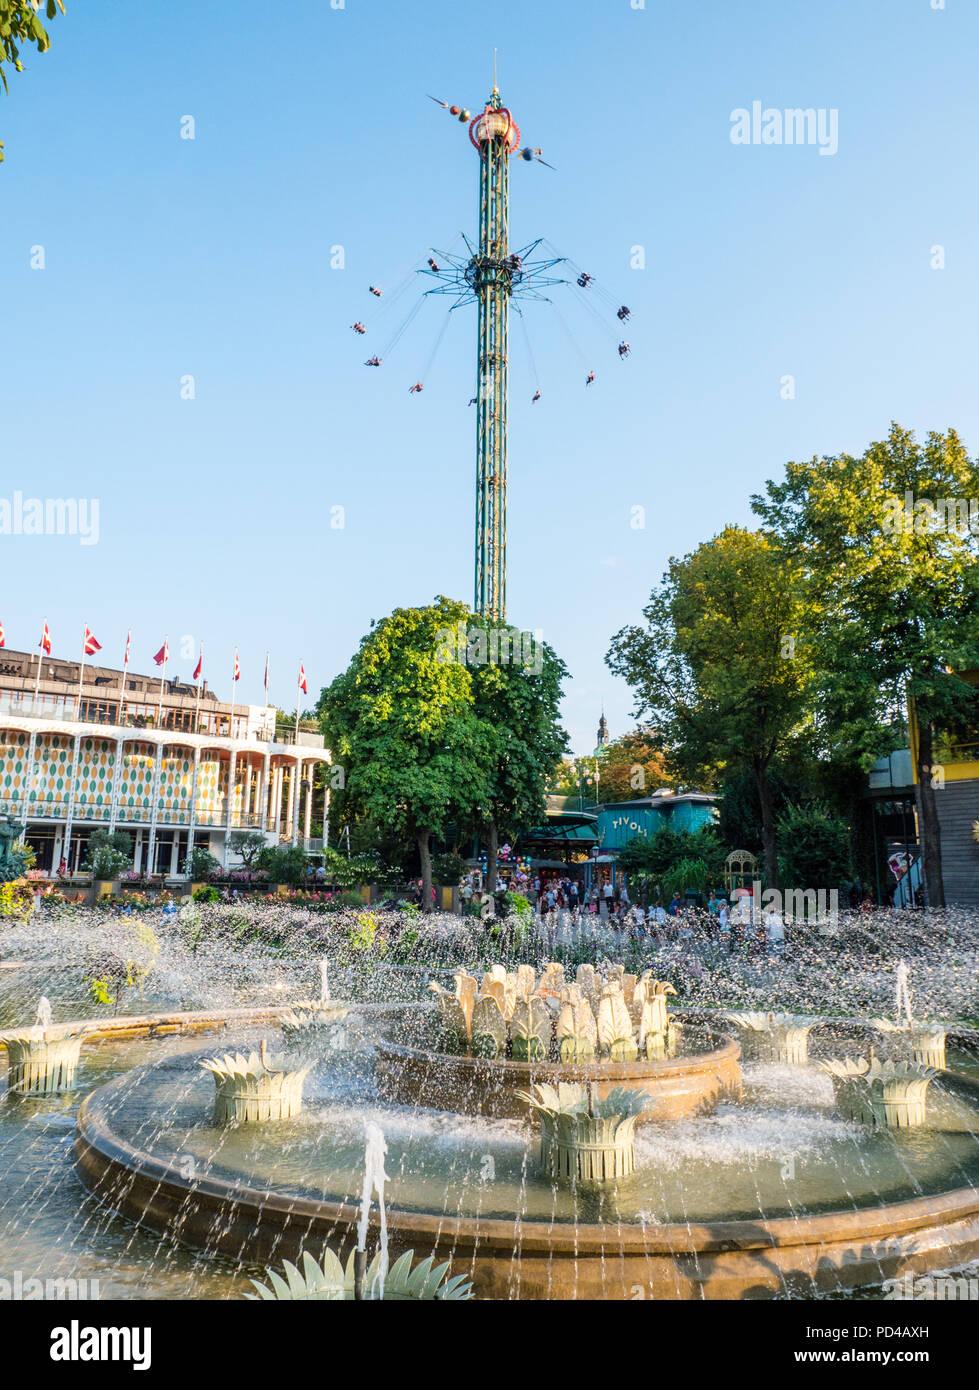 La Star Flyer, i Giardini di Tivoli, Copenaghen, Zelanda, Danimarca, l'Europa. Immagini Stock